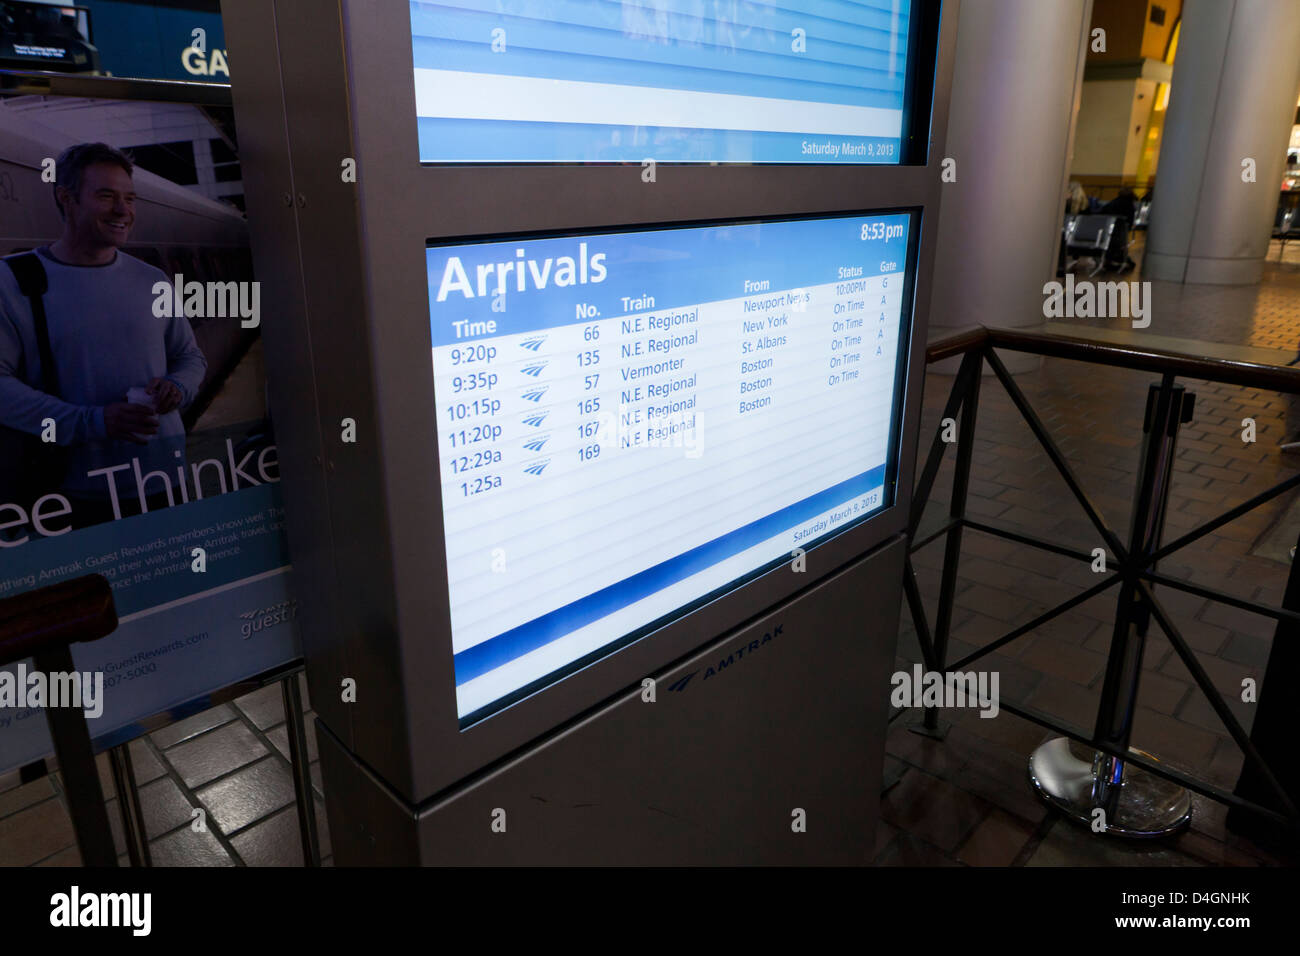 Amtrak Bahnhof Anreise Informationen anzeigen - USA Stockbild